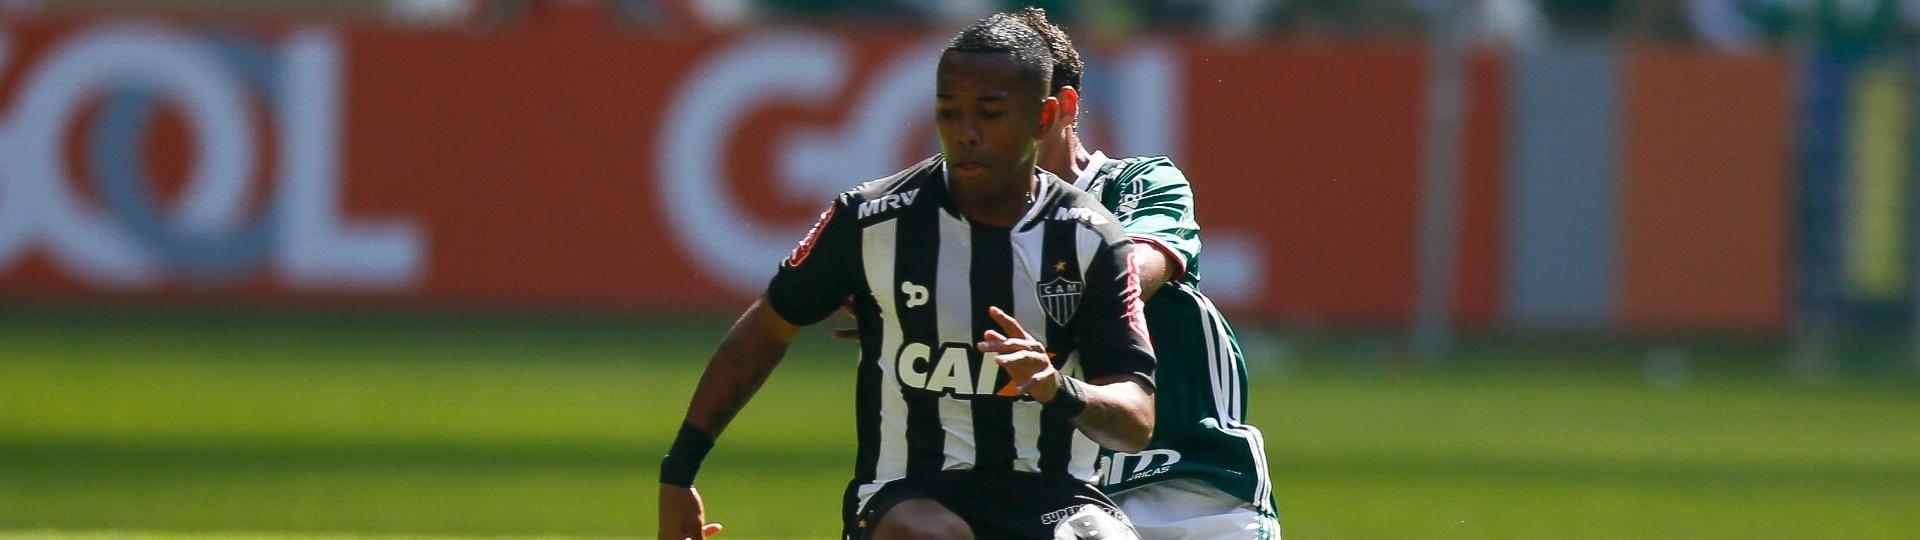 Robinho tenta escapar da marcação de Jean na partida entre Palmeiras e Atlético-MG